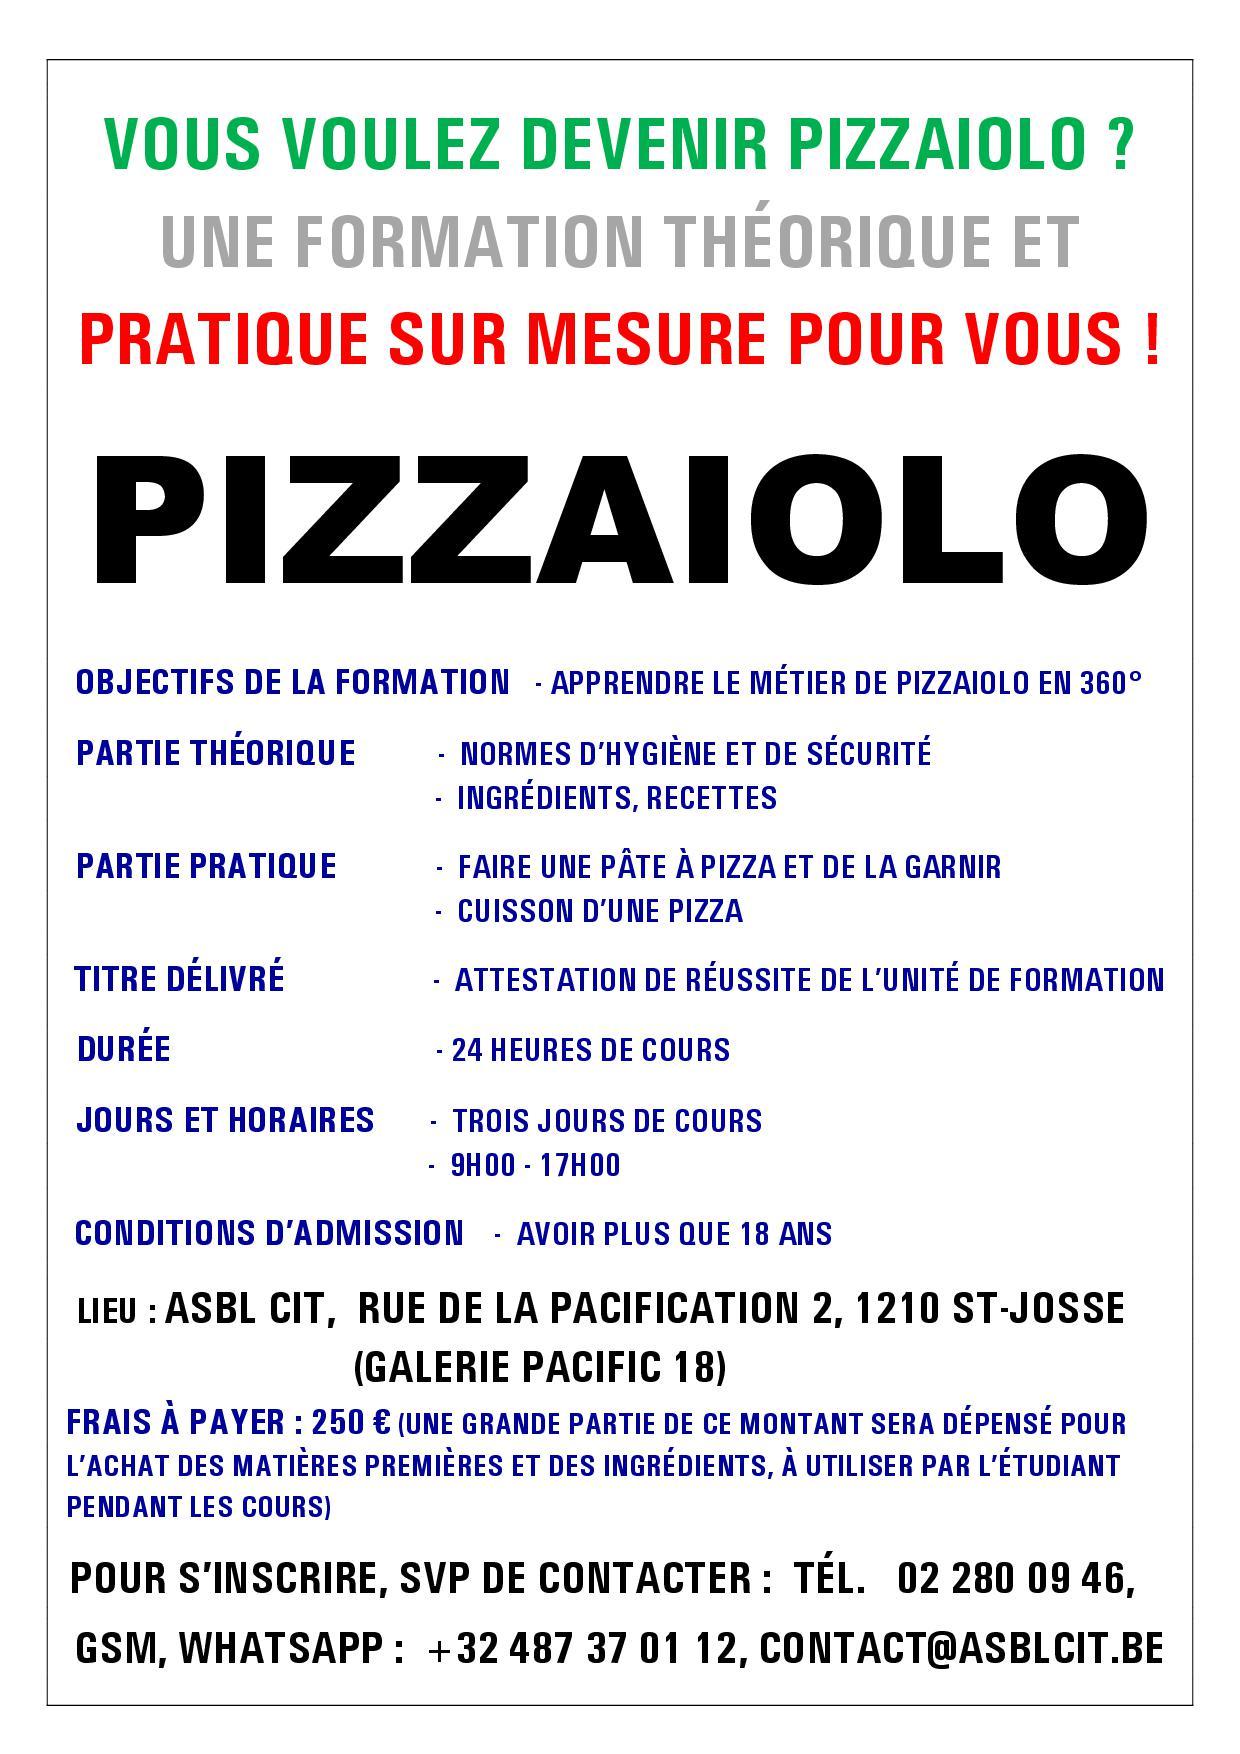 Pizzaiolo en 3 jours, en 24 heures, prix 250 €. Formation courte, accélérée, soir, matin, week-end, samedi, dimanche, cours, stage, atelier, pour le métier, pour devenir pizzaiolo, pour trouver un travail comme pizzaiolo, chef pizzaiolo, pour ouvrir une pizzeria, sa propre pizzeria, pour travailler dans une pizzeria, cuisine italienne, produire des pizzas, fabriquer des pizzas, en Belgique, à Bruxelles, à Saint-Josse, près de métro Madou. Training, course, internship, workshop, for the job, for the profession, to become a pizza chef Pizzaiolo. Formación, cursos, prácticas, taller, para la profesión, para encontrar trabajo como pizzaiolo, para convertirse en pizzaiolo, para abrir su propia pizzería, chef Pizzaiolo